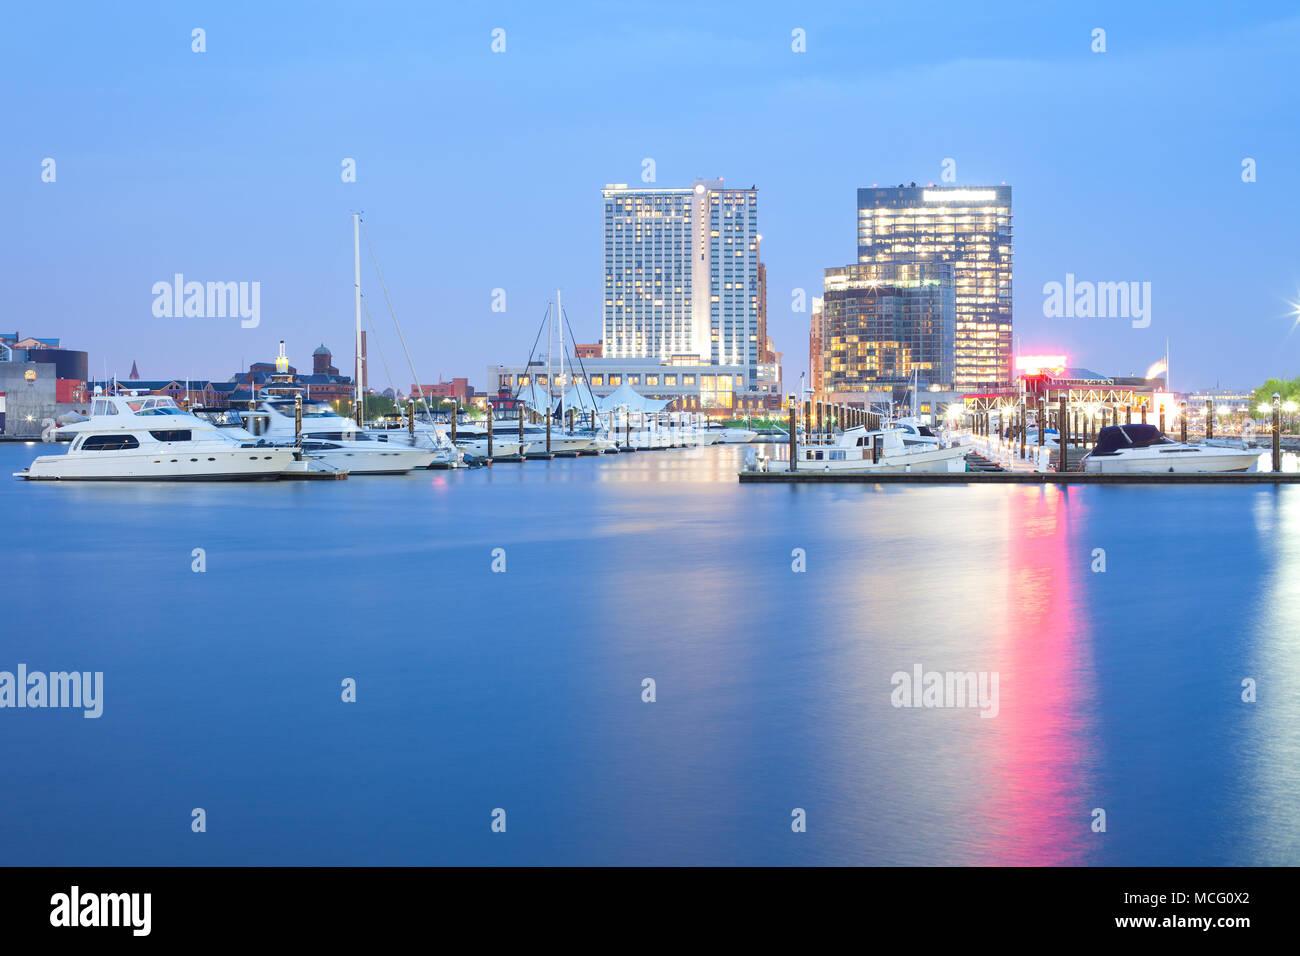 Marina at Inner Harbor in Baltimore at night, Maryland, USA Stock Photo